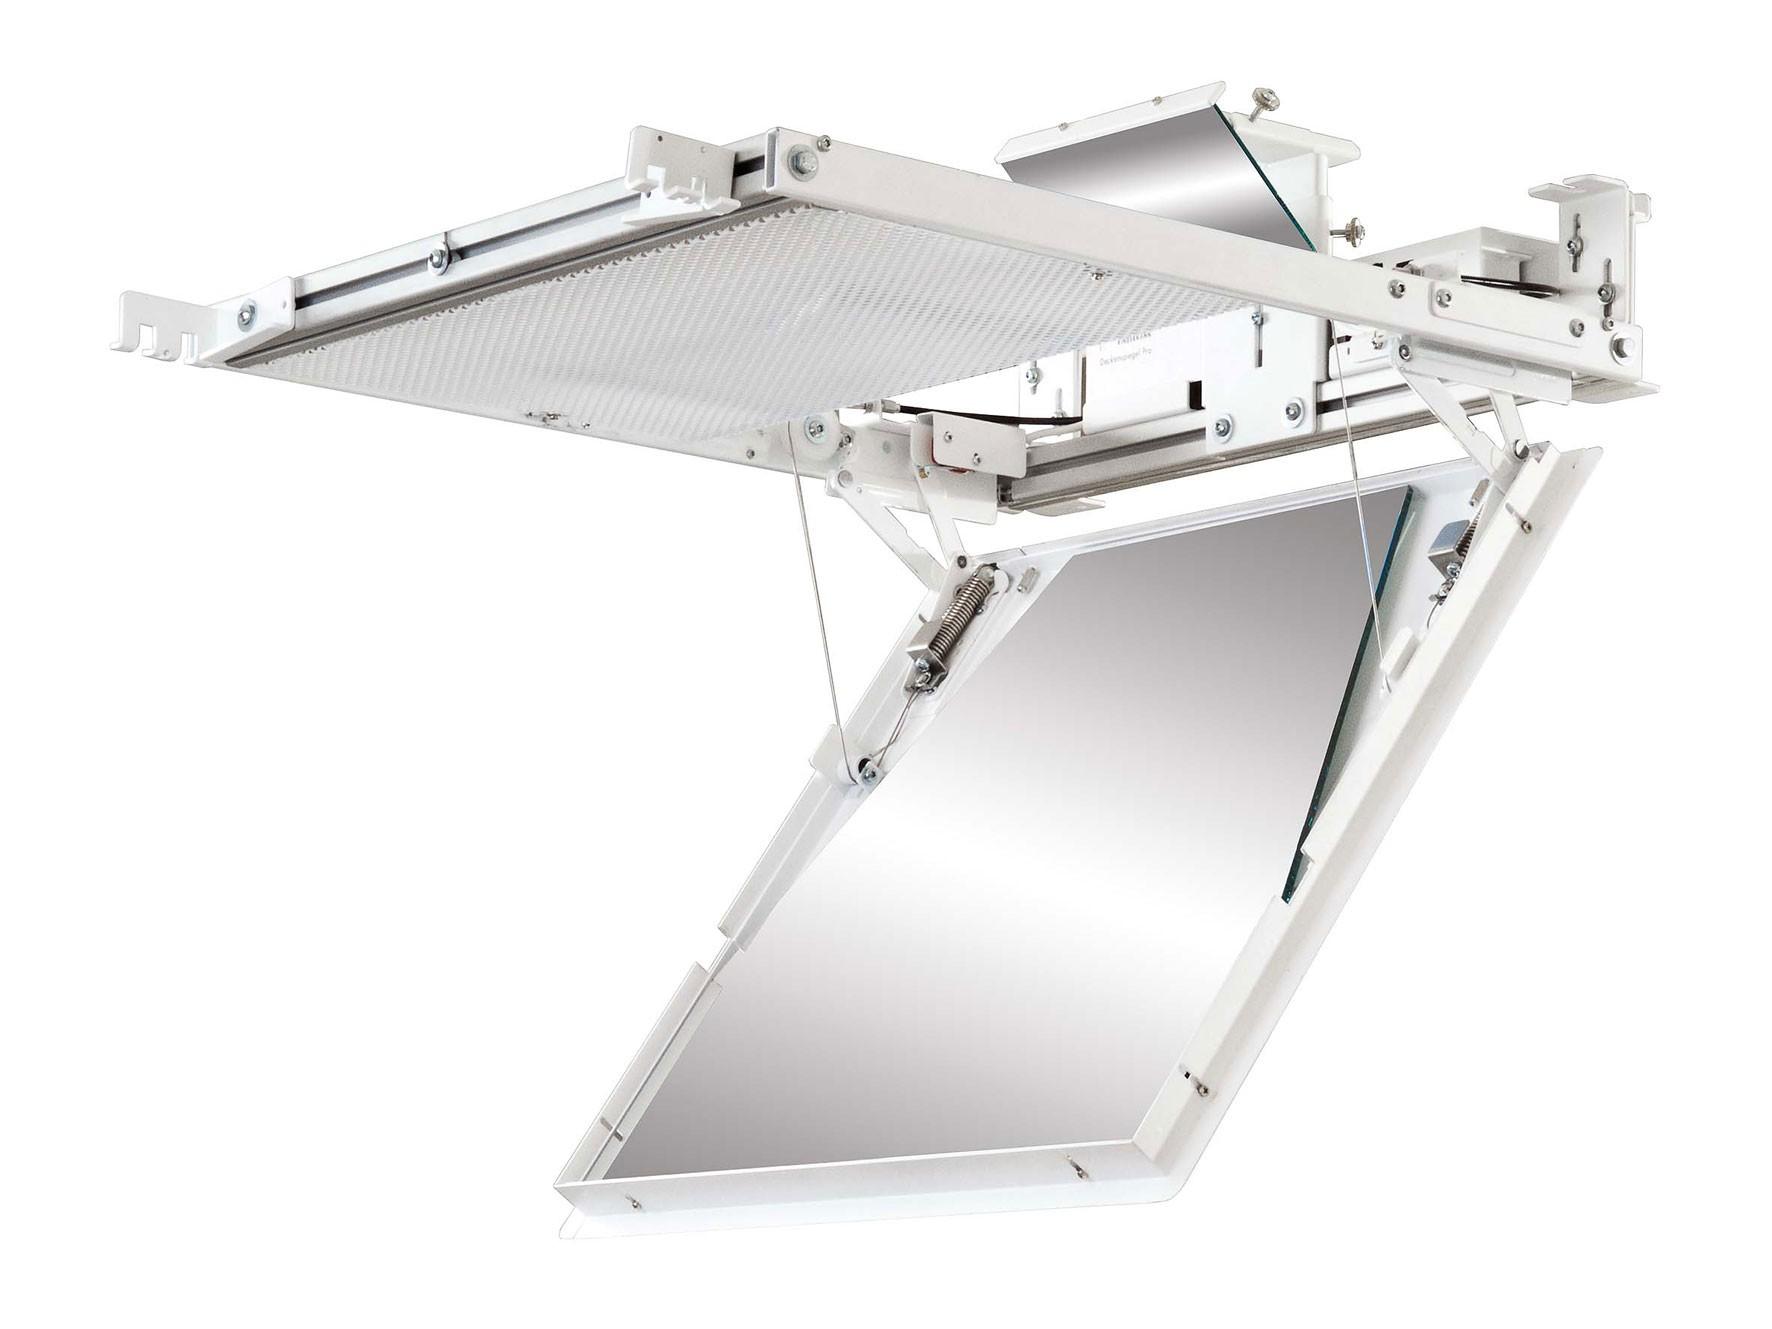 Miroir plafond pro pour projecteurs kindermann 7469000000 for Miroir hd pro